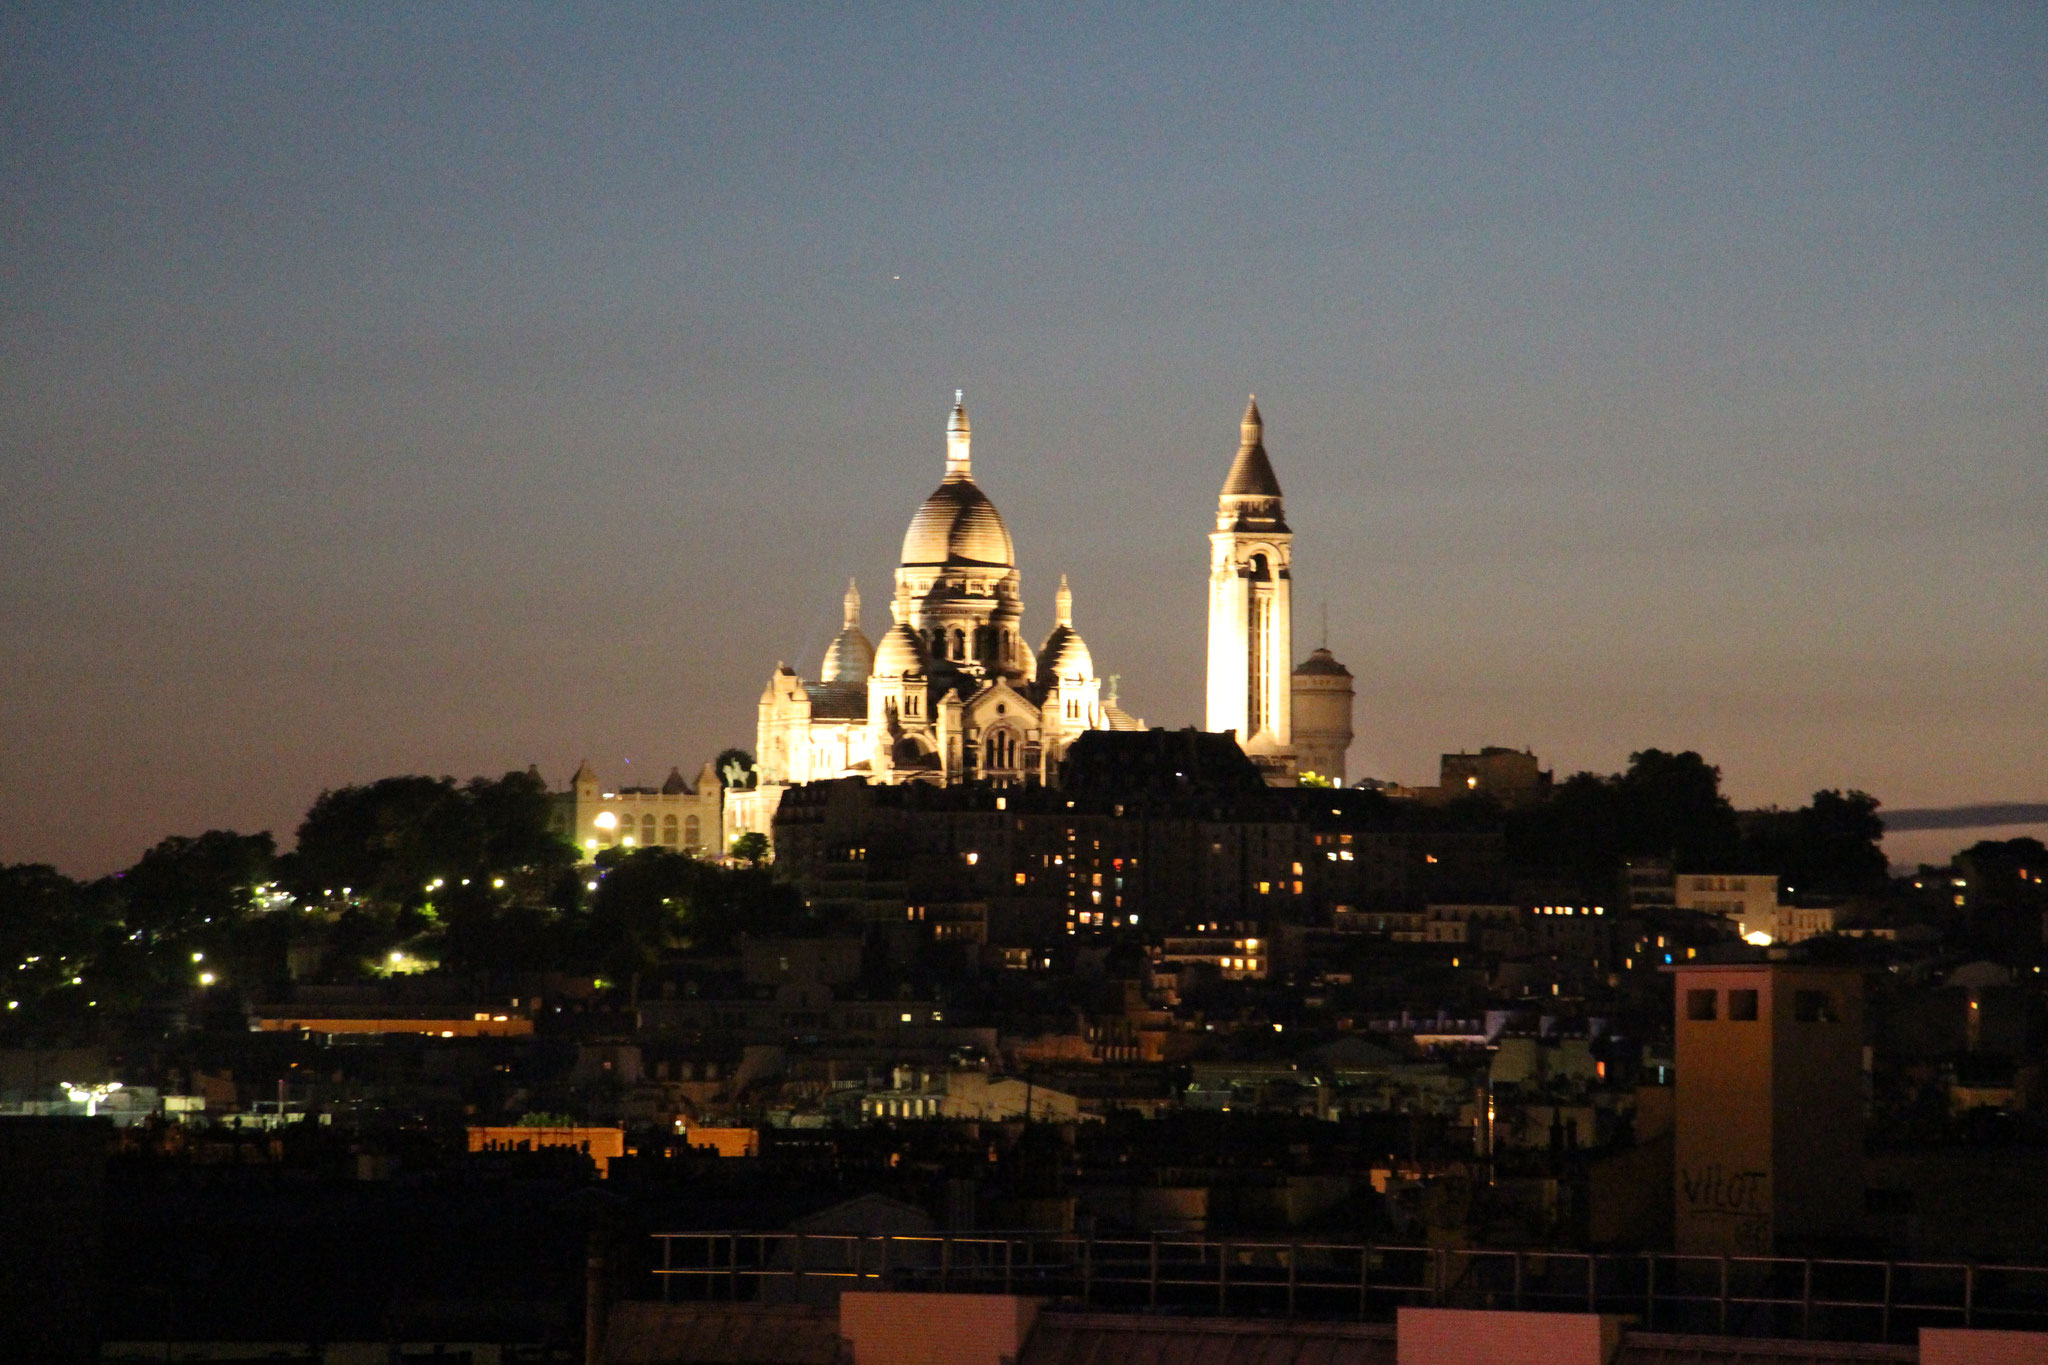 Vue de nuit sur le Sacré-Cœur